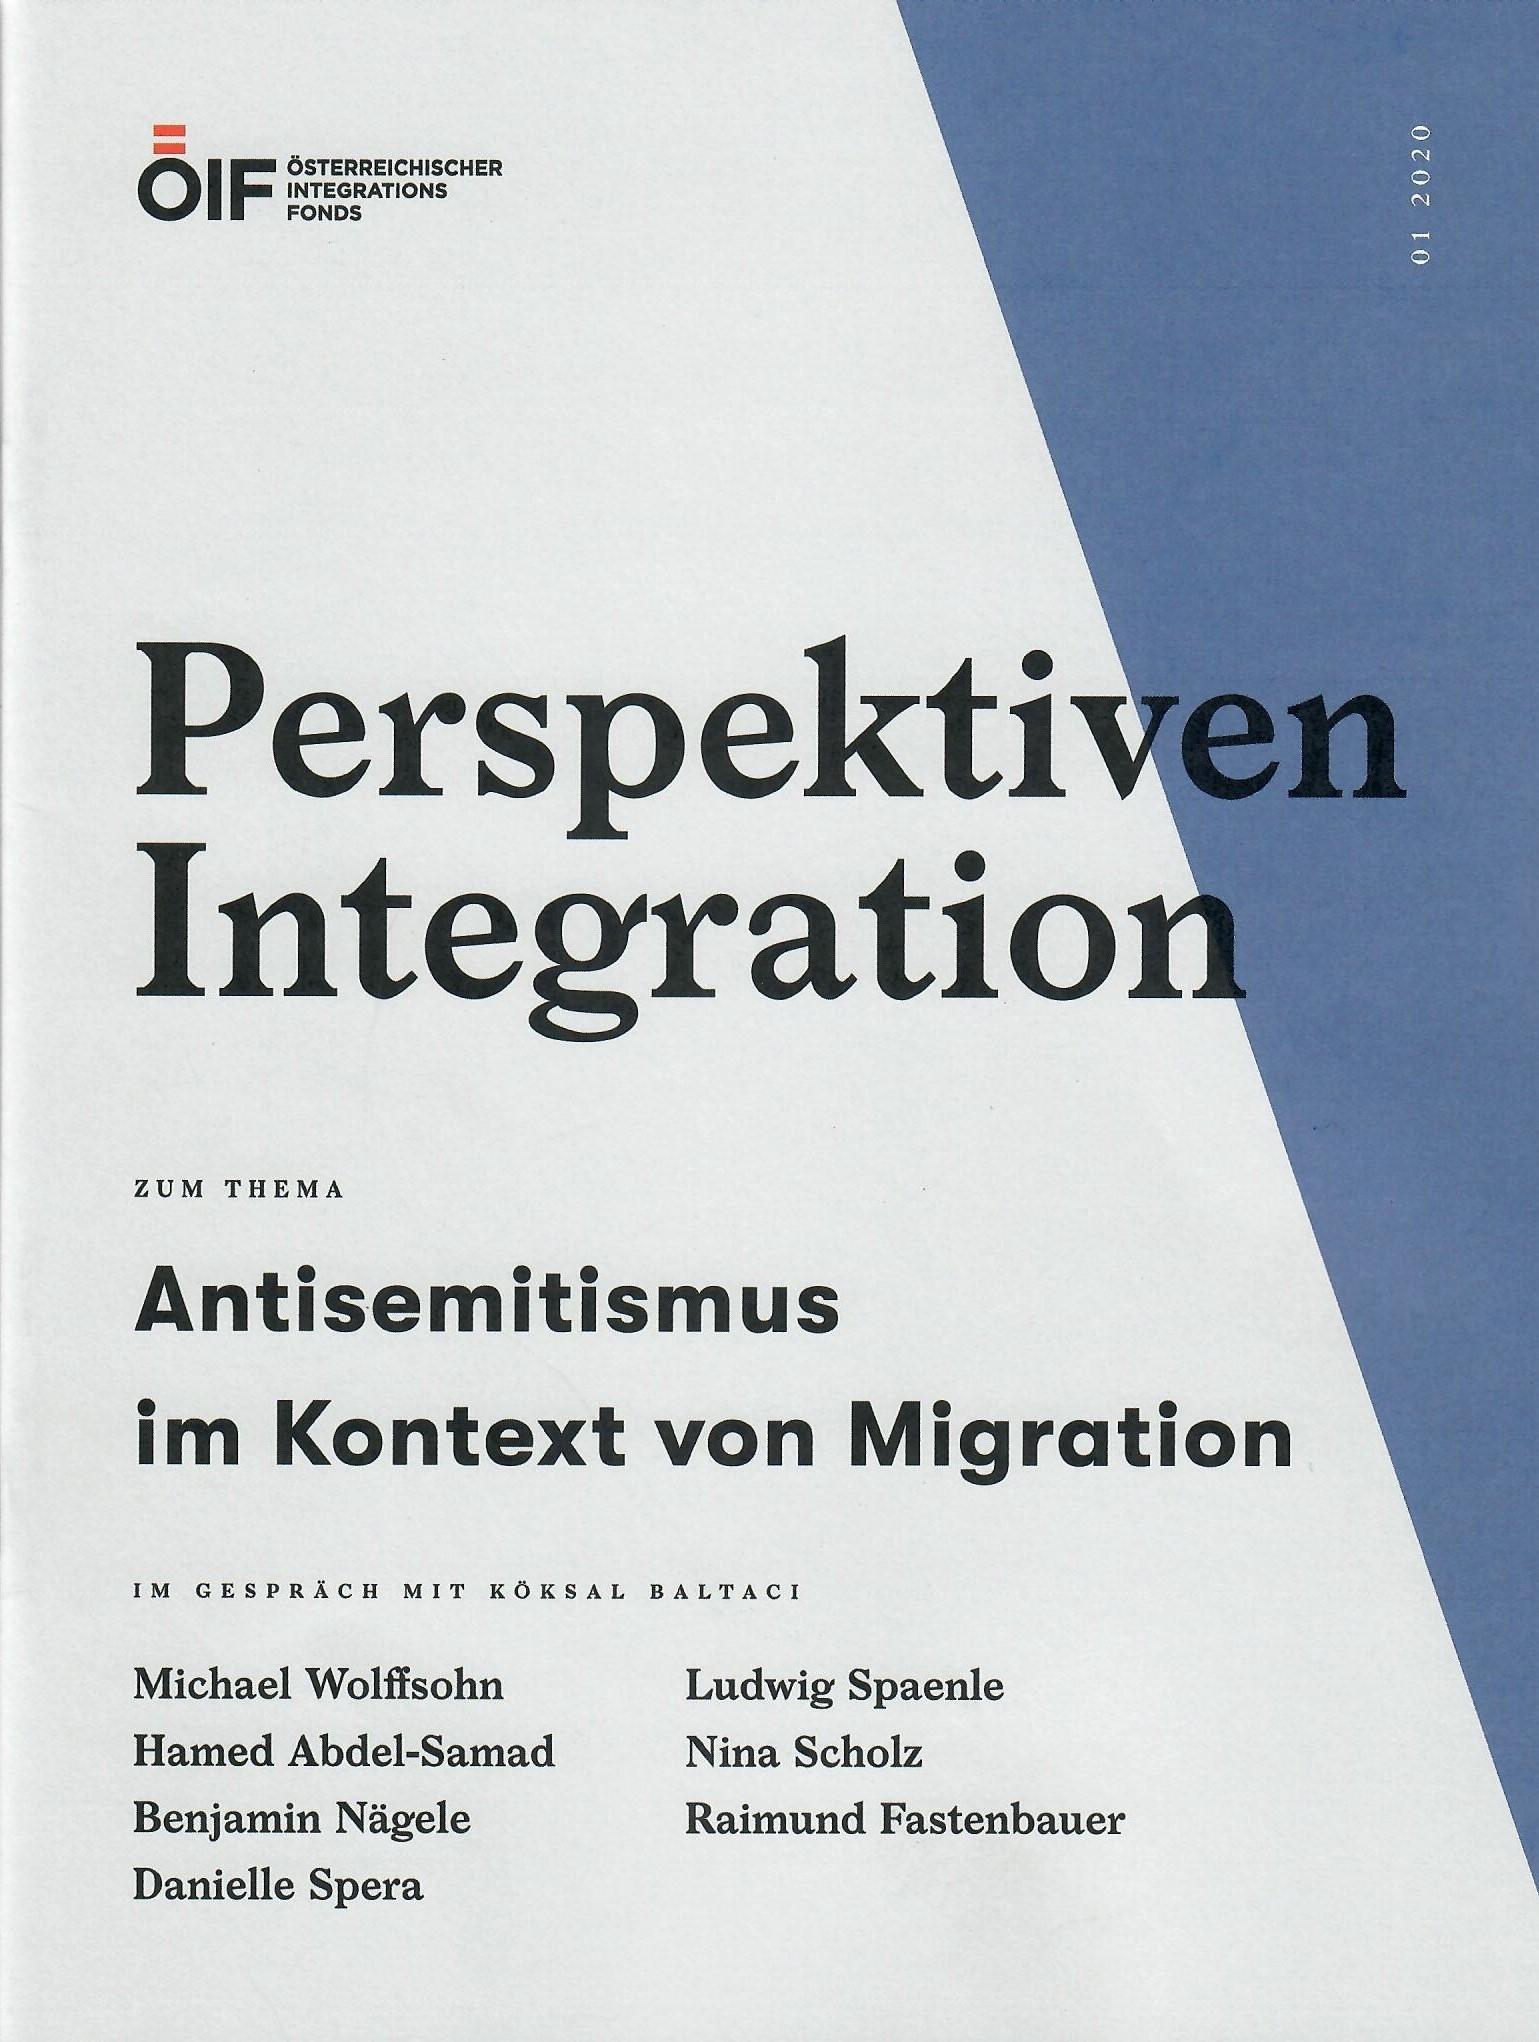 Perspektiven Integration Antisemitismus im Kontext von Migration